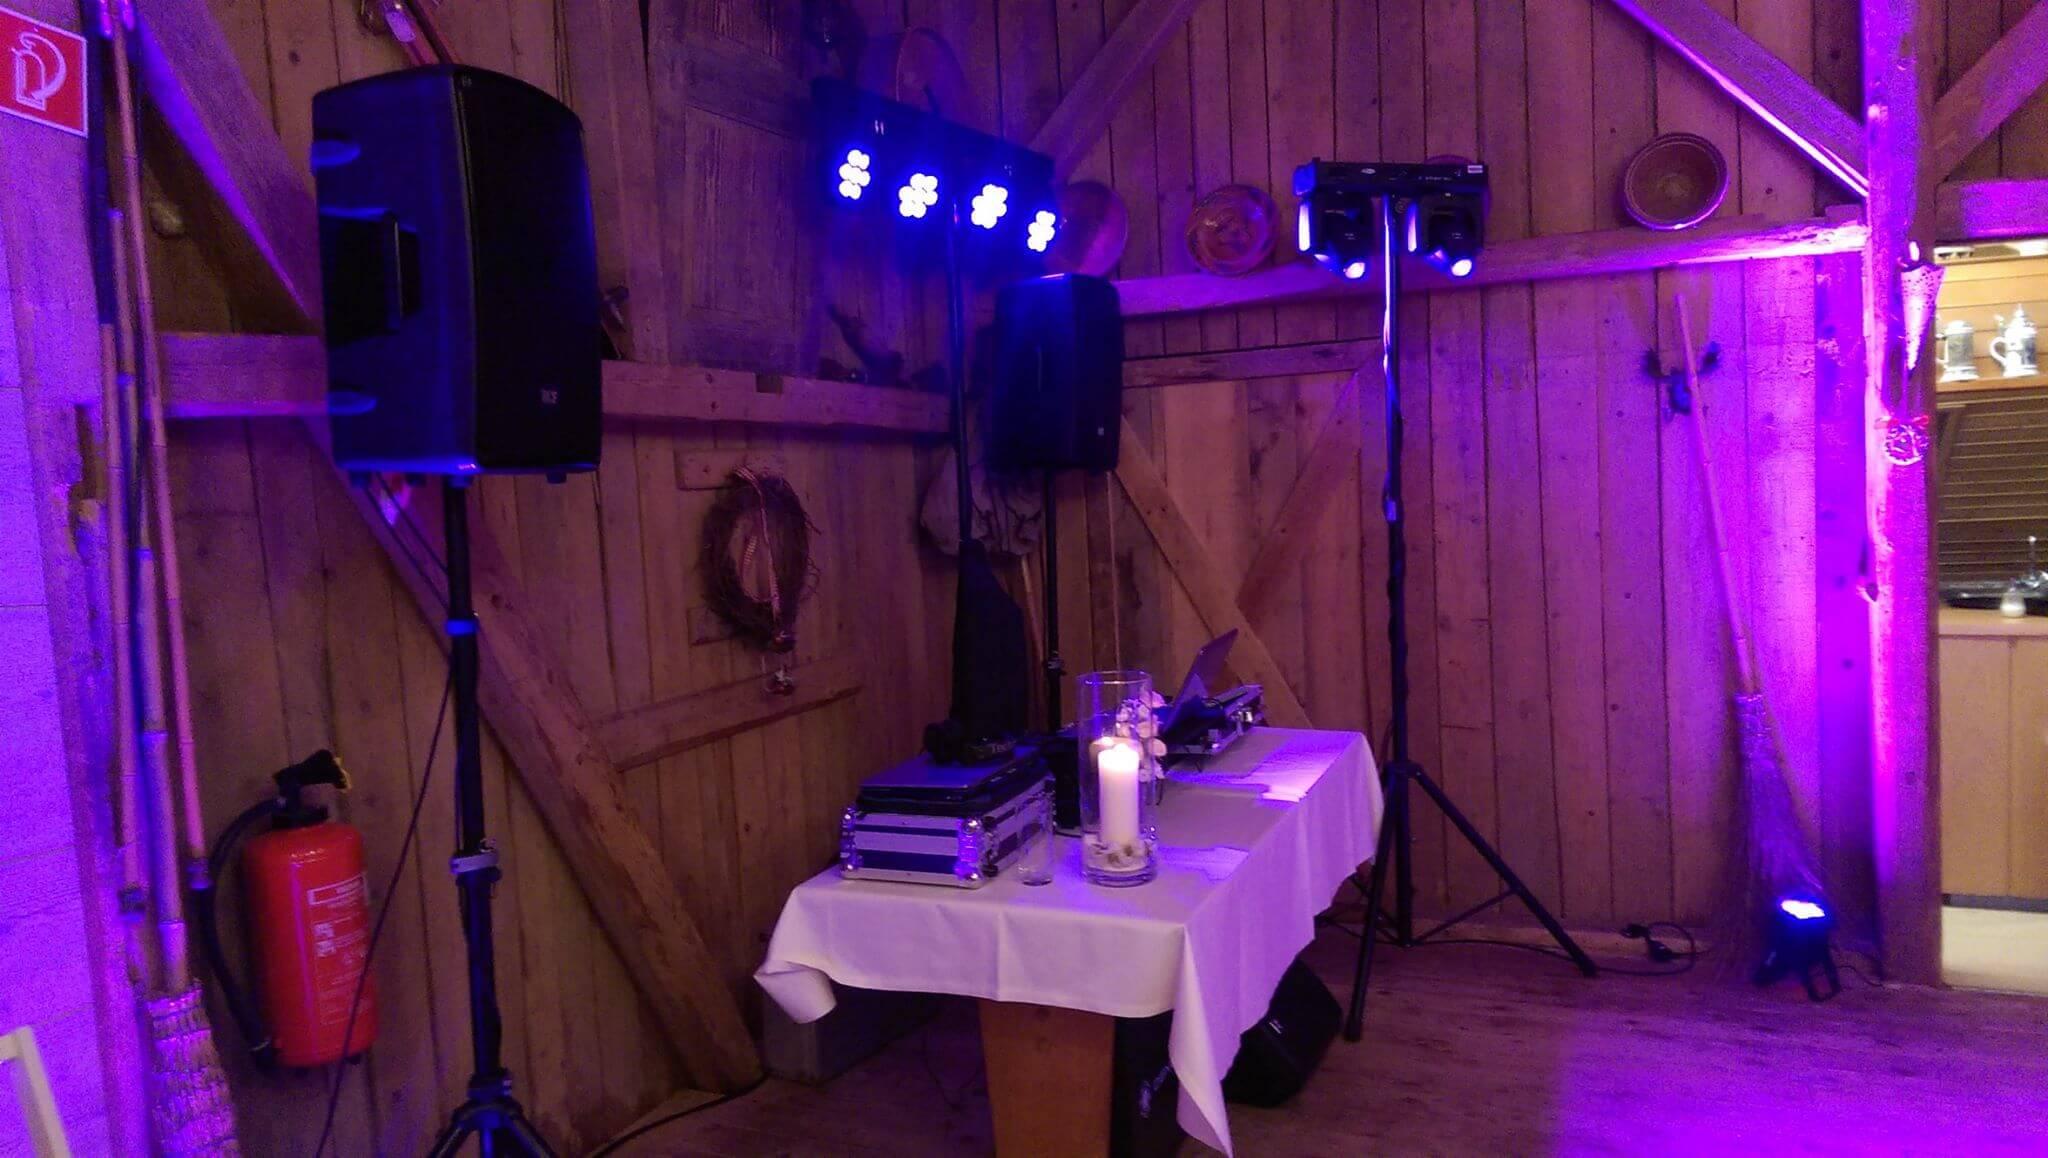 Hochzeit 2016 - Hochzeits-DJ, Tontechnik, Lichttechnik von Brilliant Event